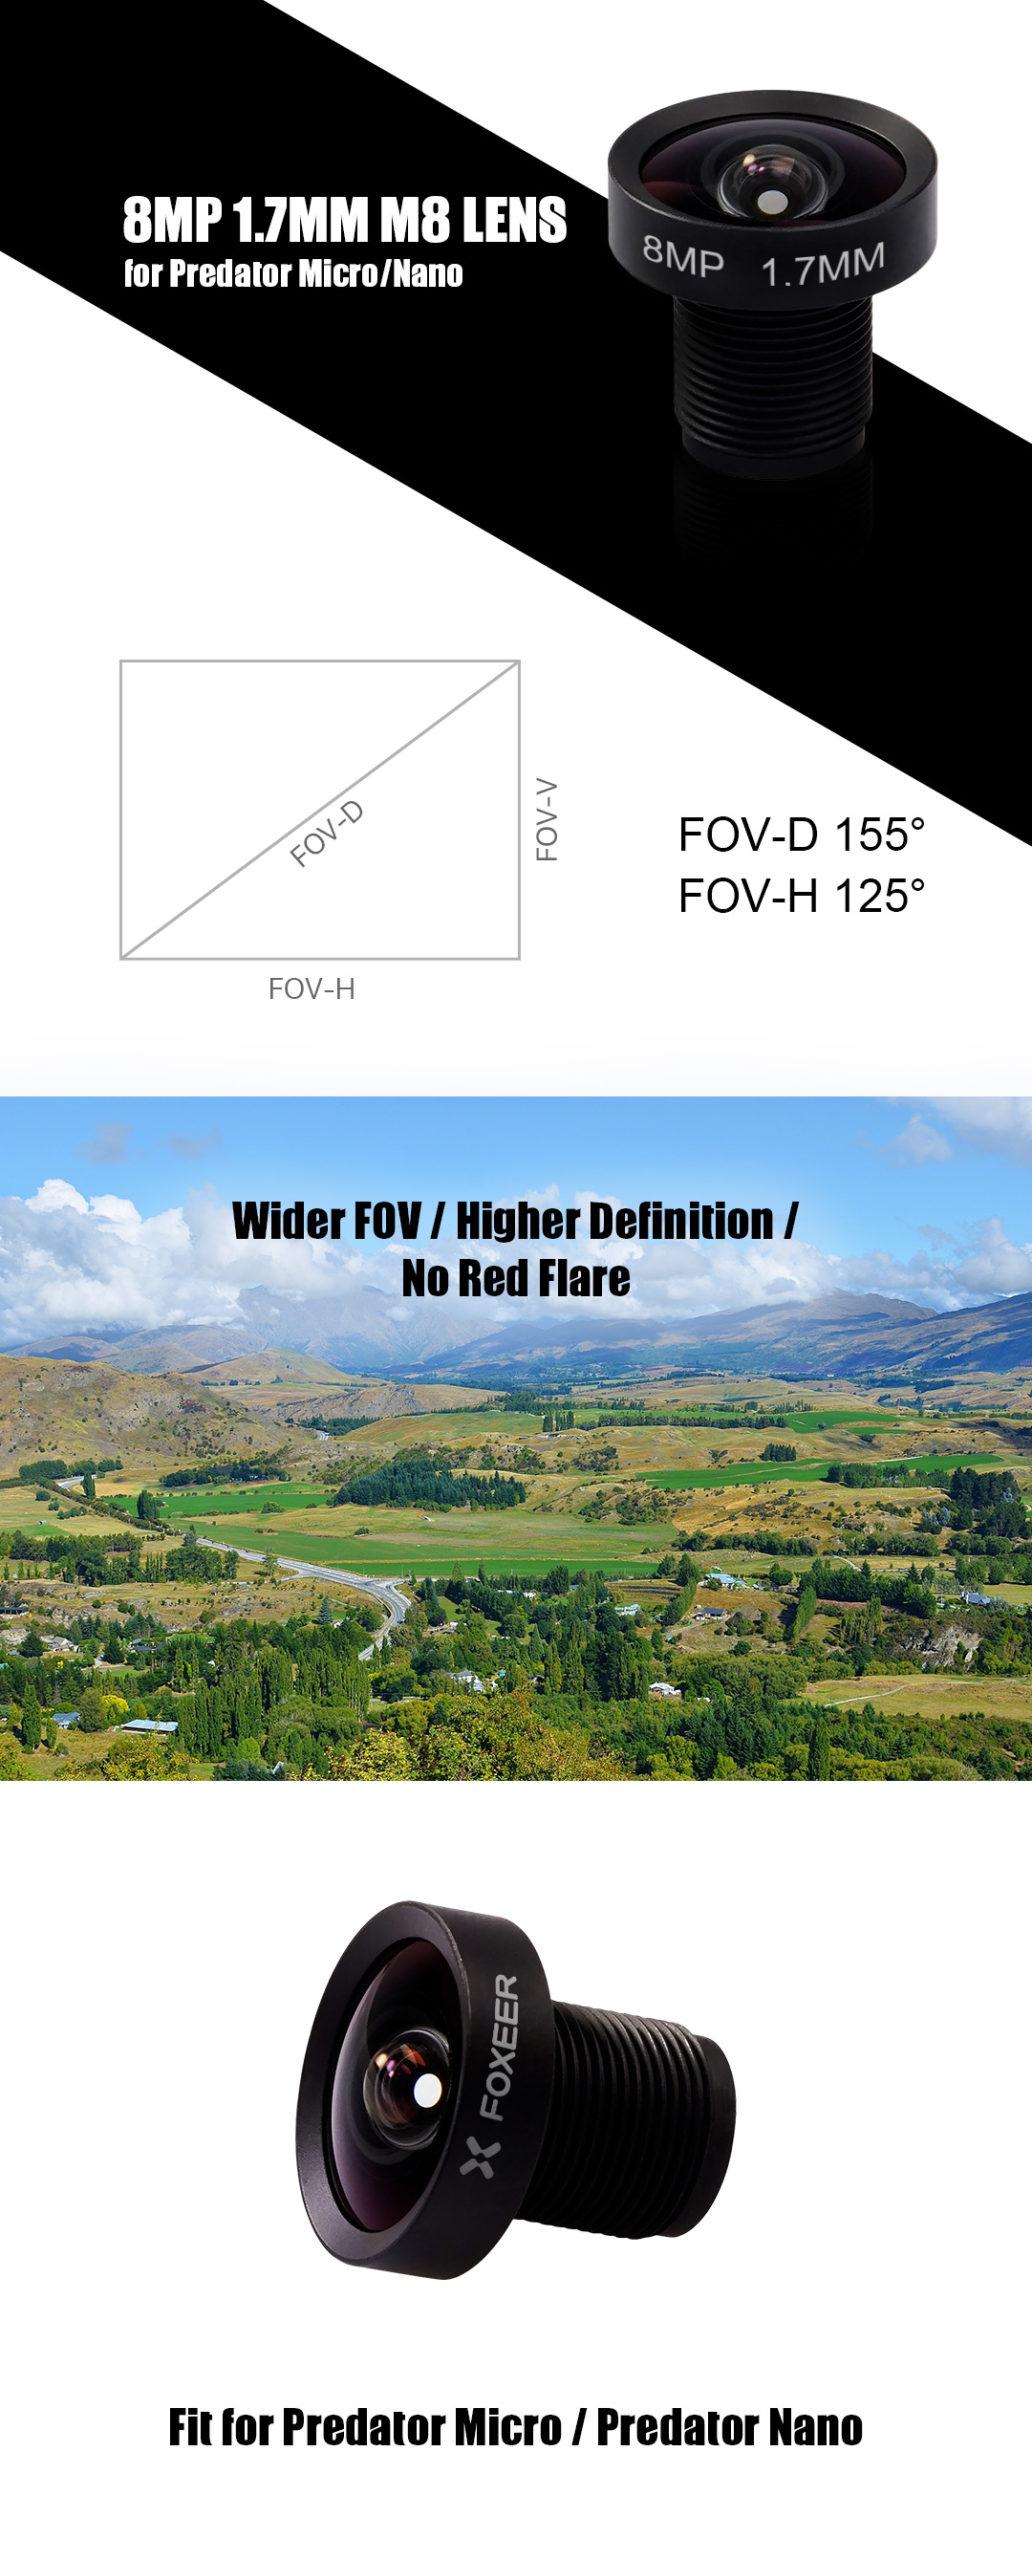 Lente Foxeer M8 1.7mm para Predator Micro y Nano